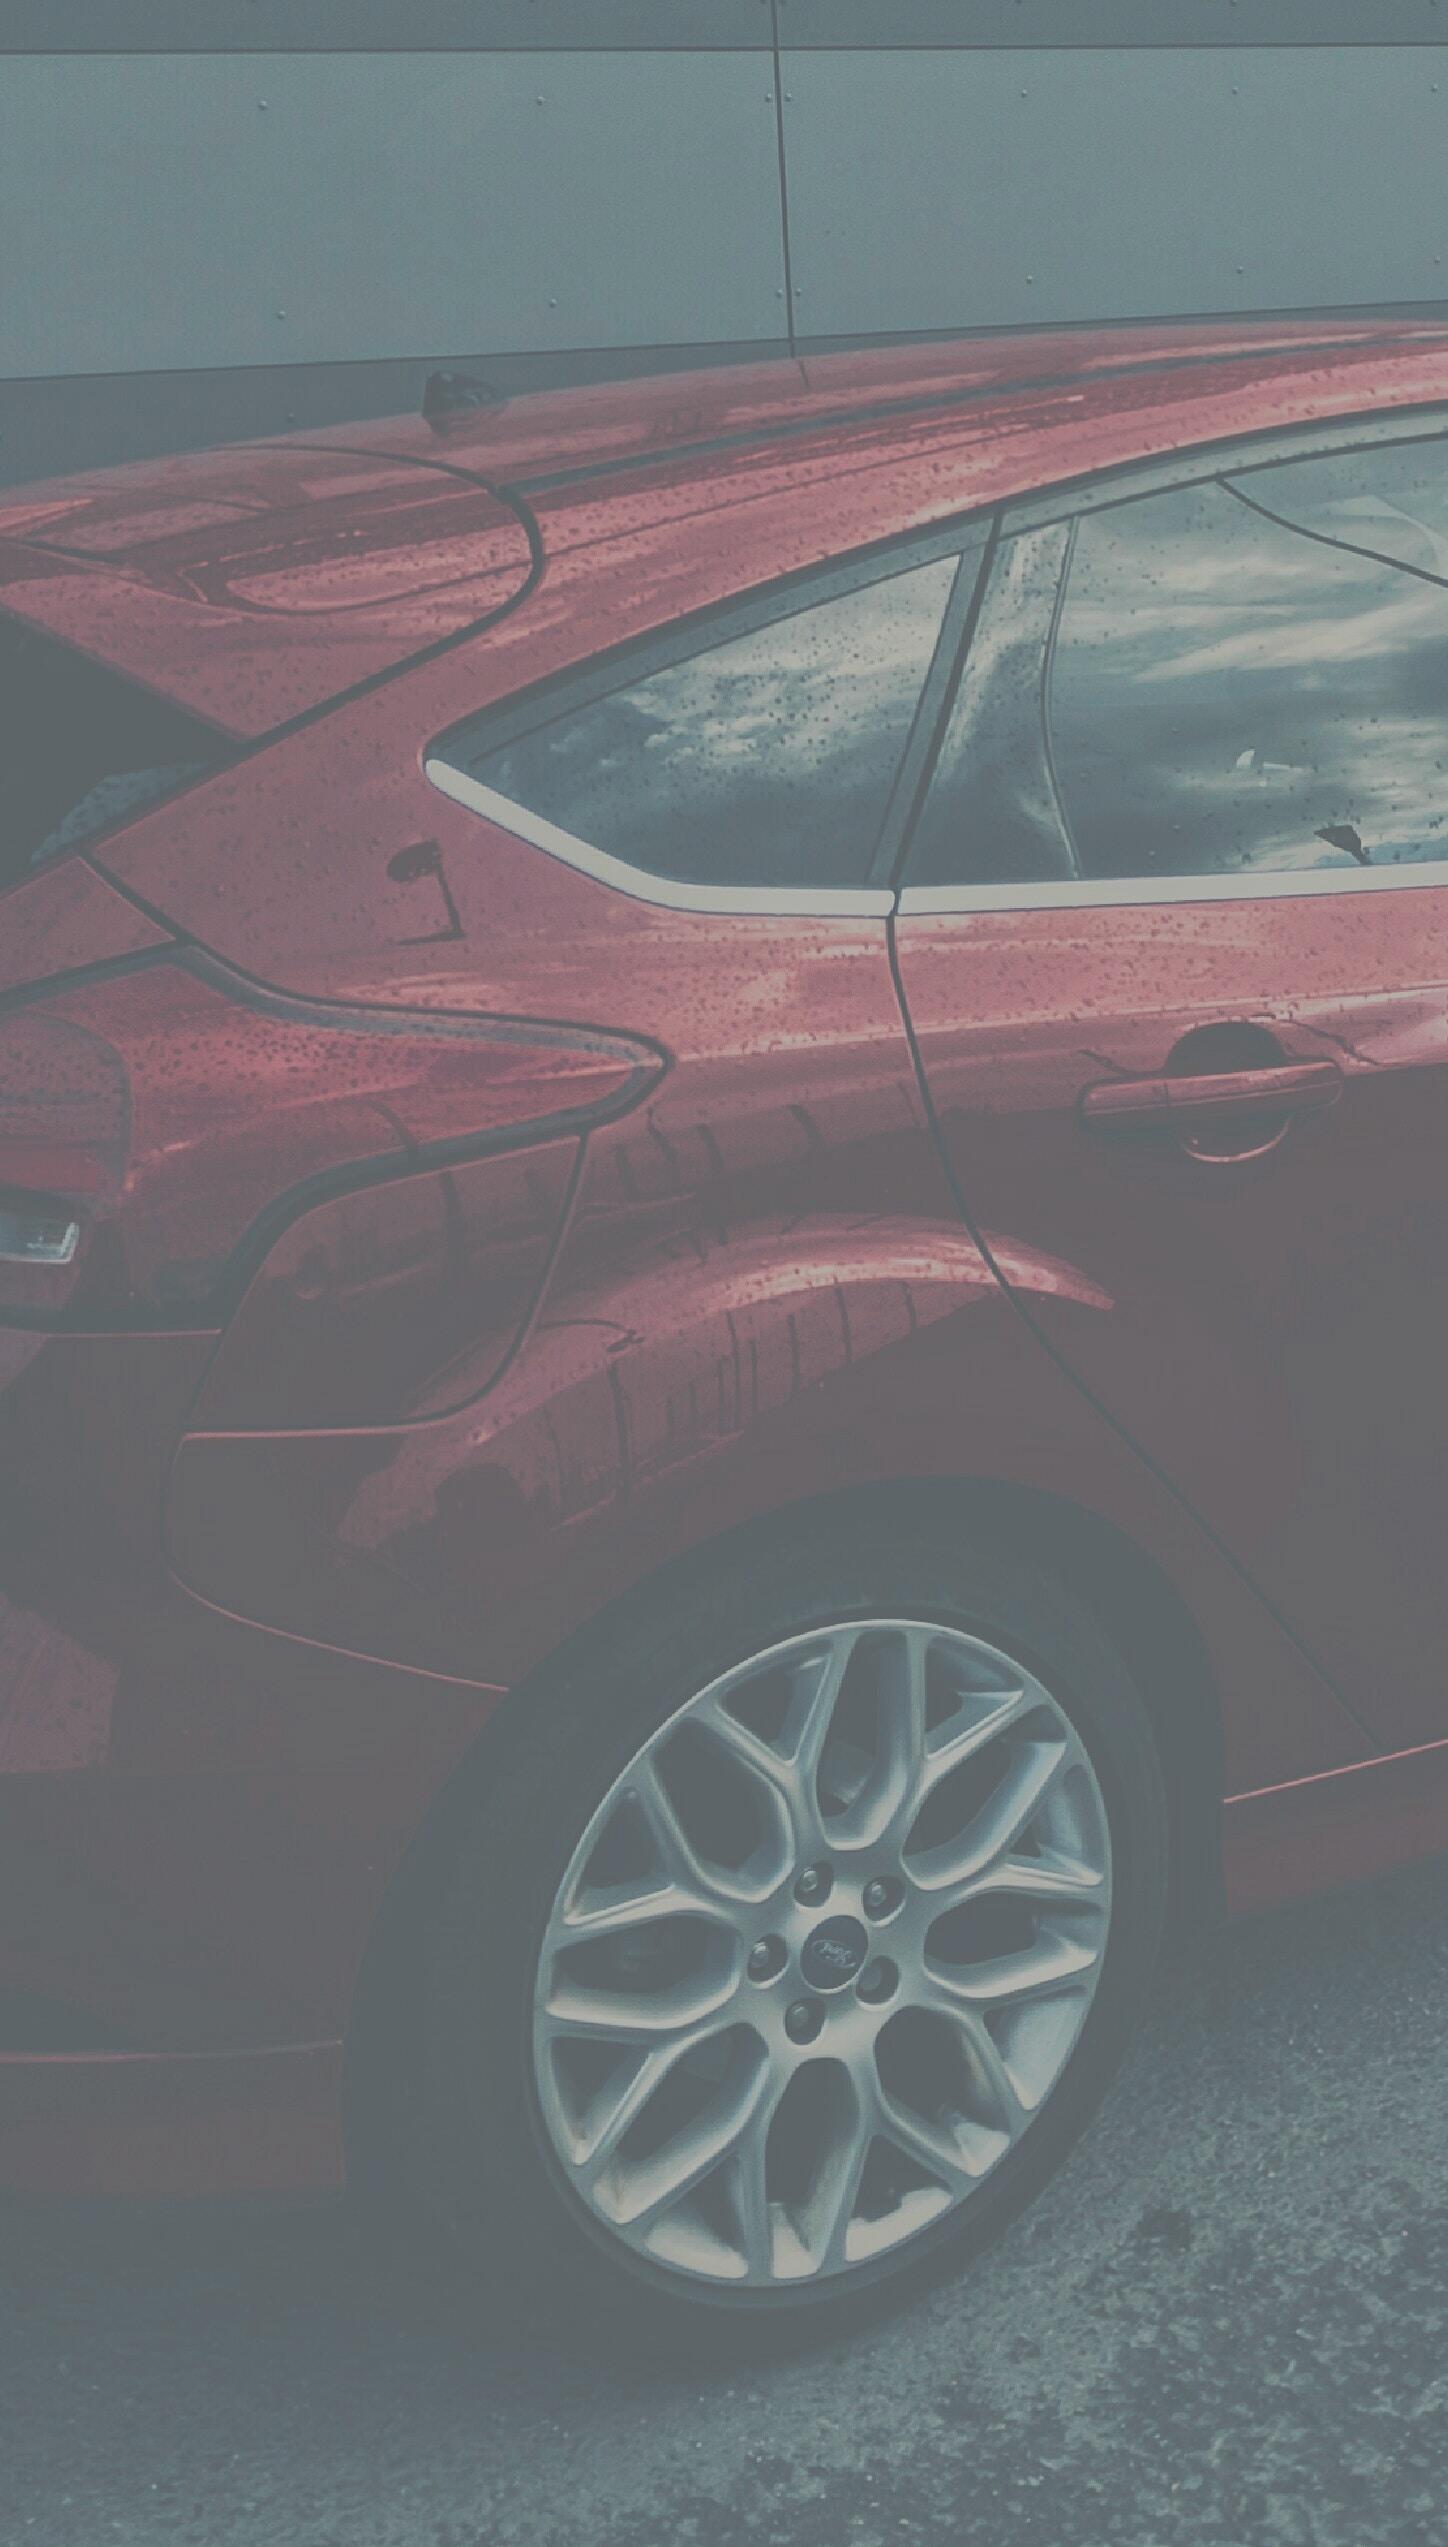 A red hatchback parked.